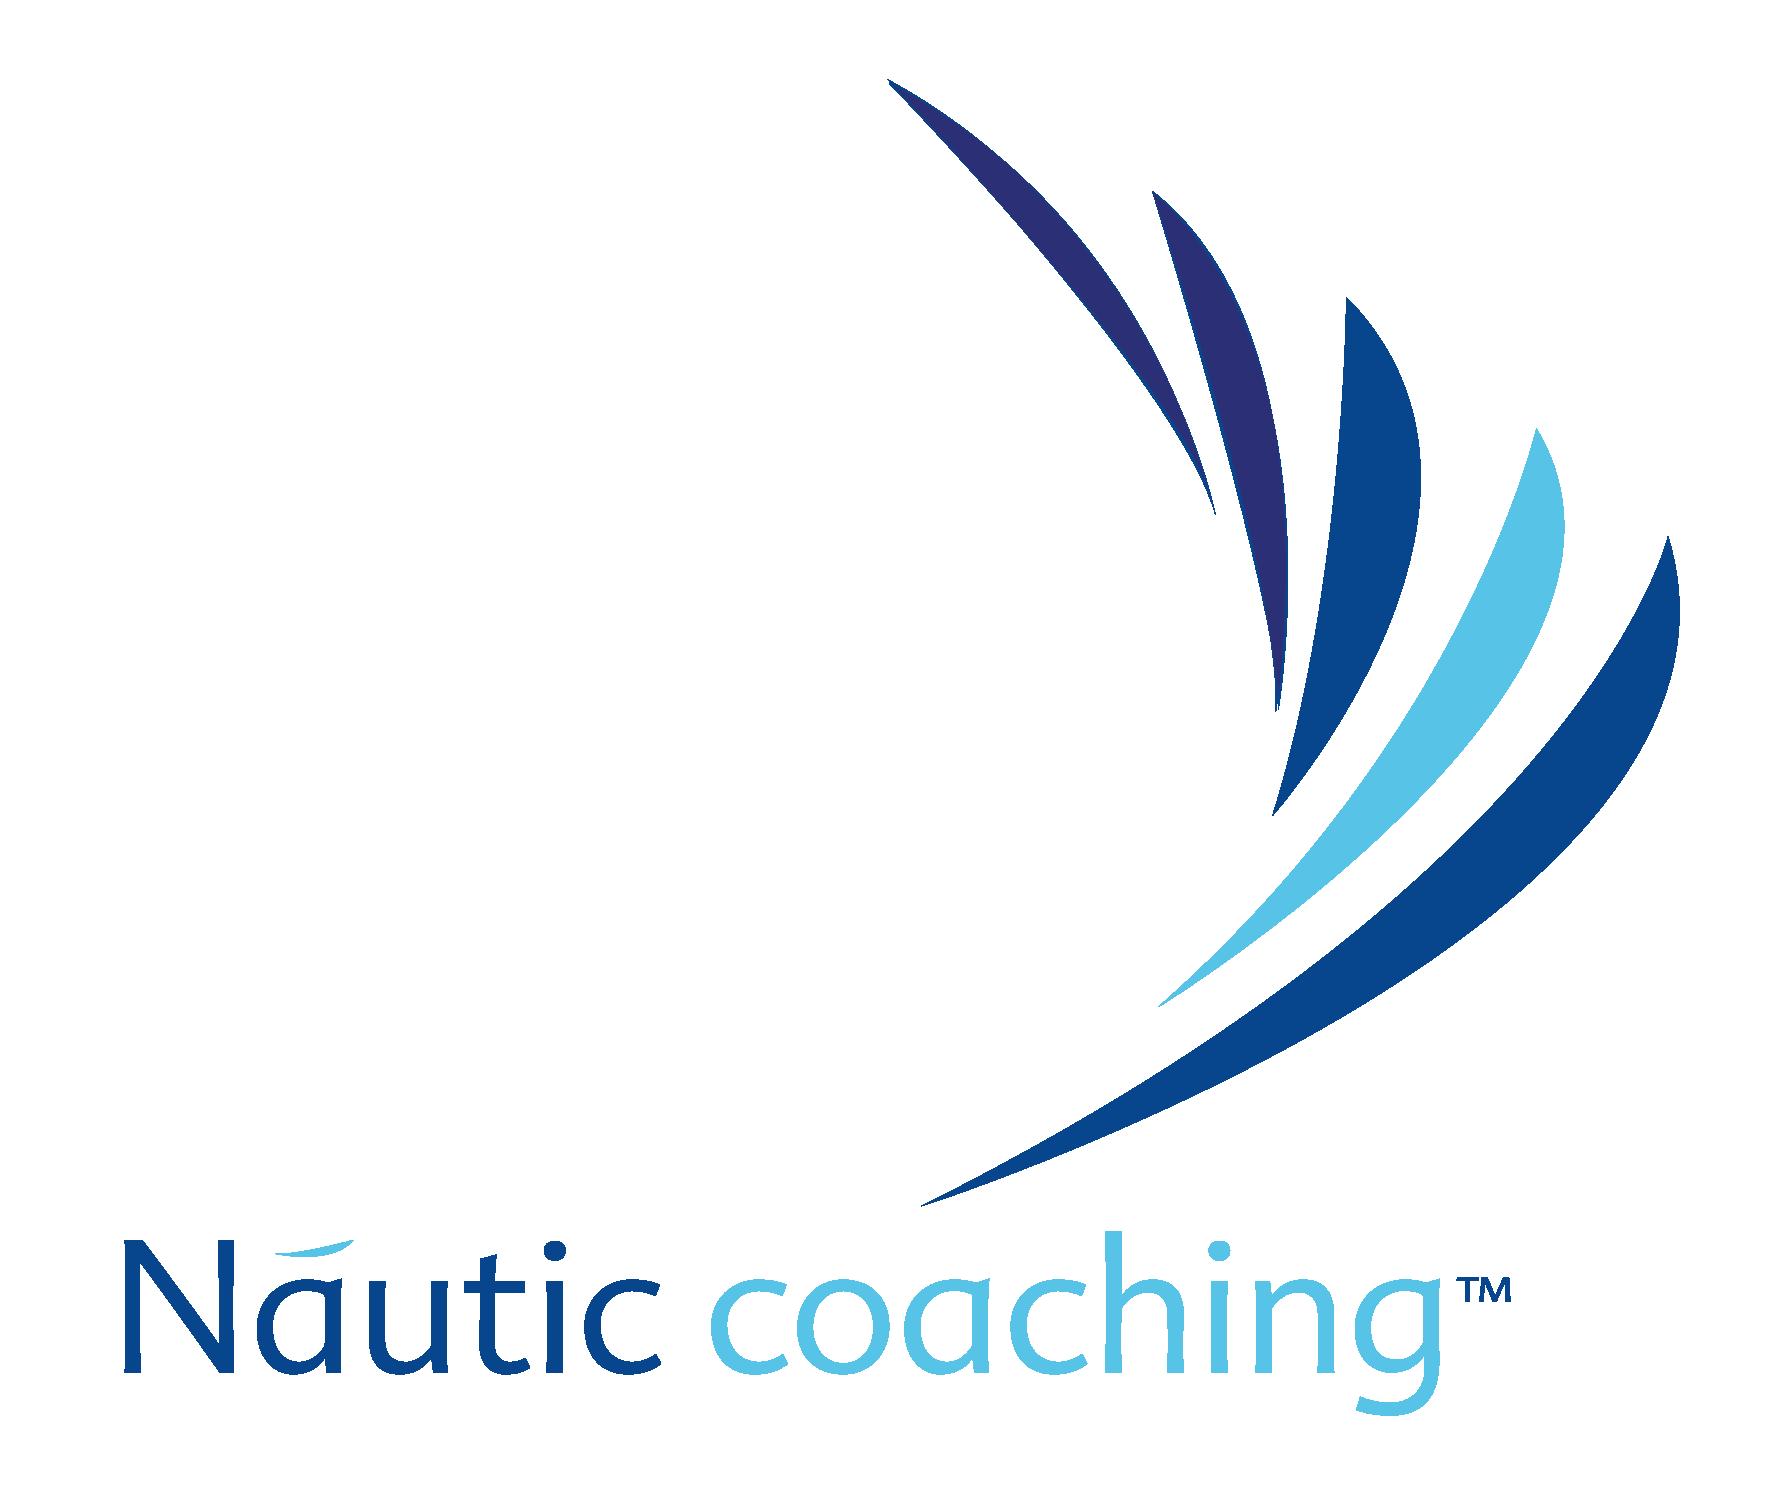 Nautic Coaching